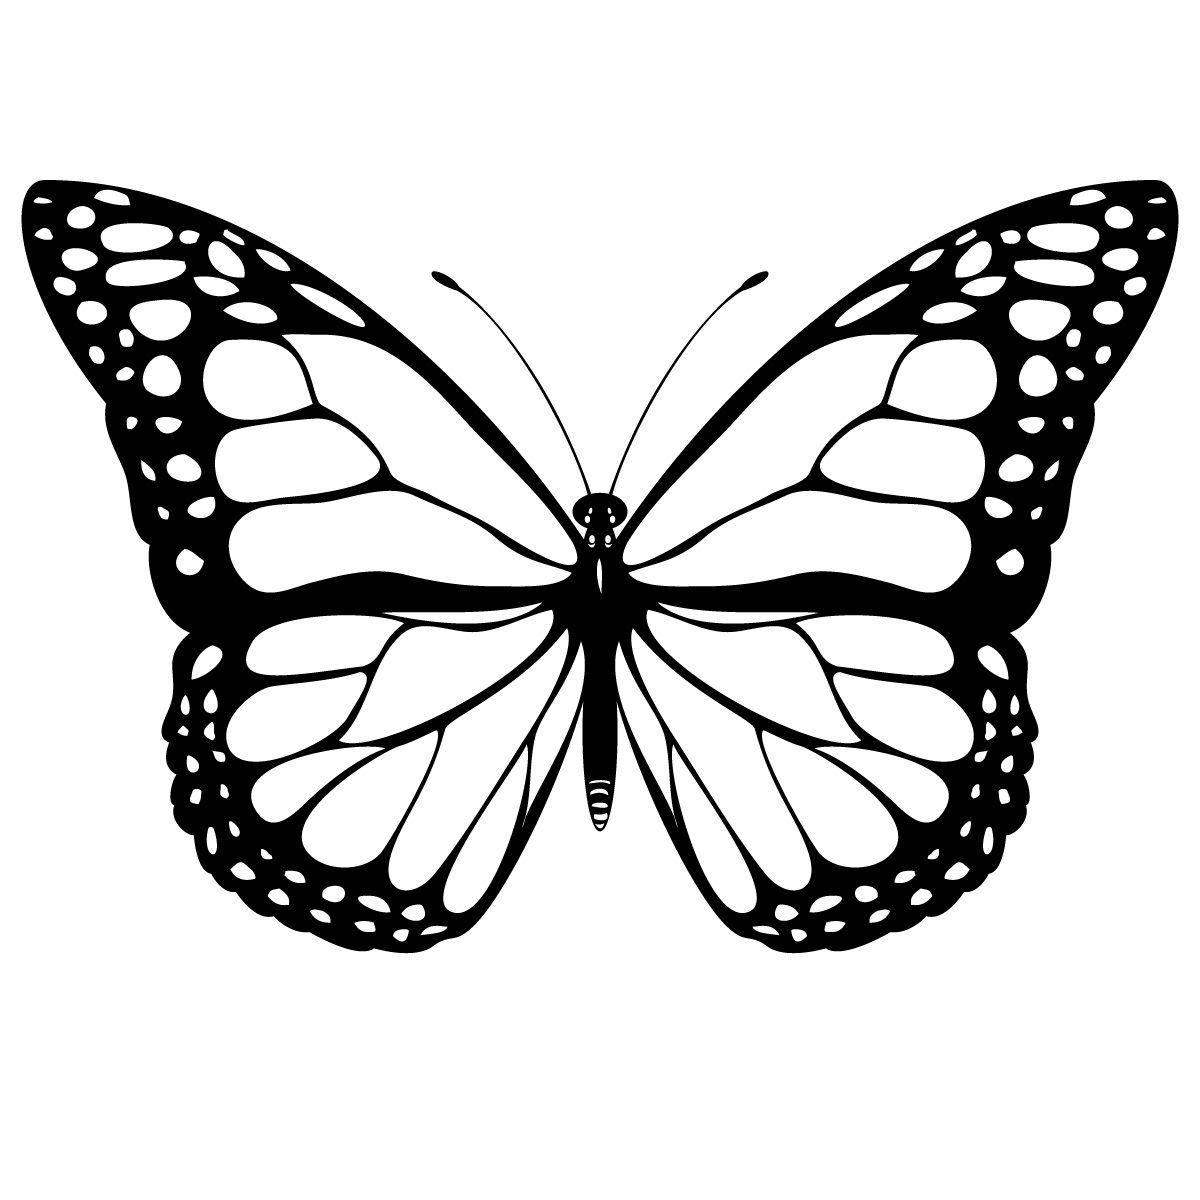 Coloriage Papillon - Les Beaux Dessins De Animaux À Imprimer dedans Dessin Papillon À Colorier